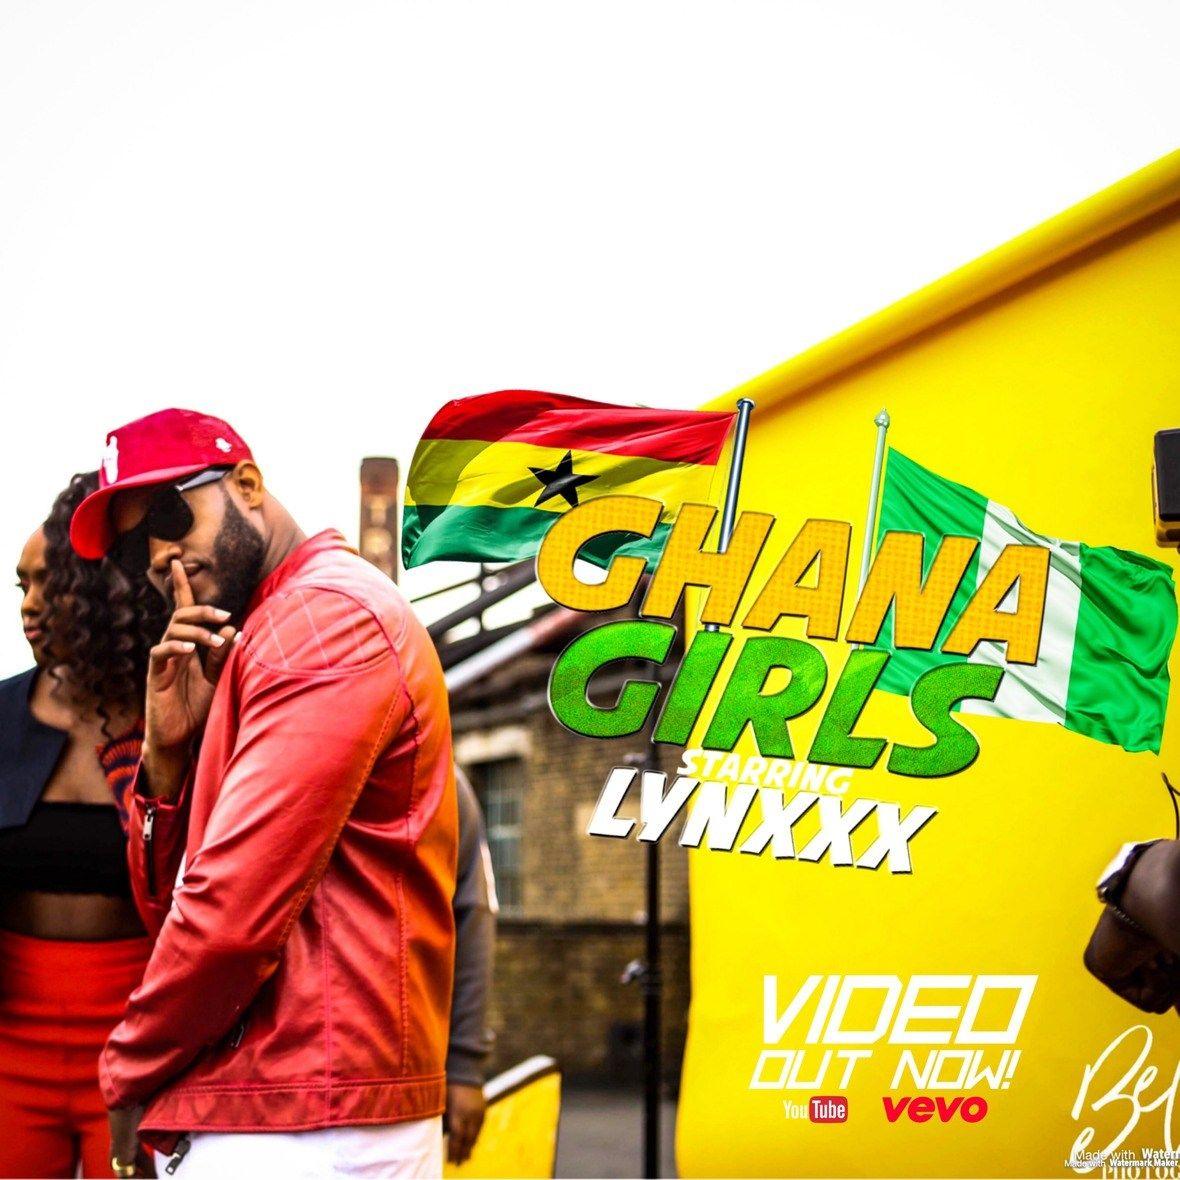 Video Lynxxx Ghana Girls Ghana, Girl, Video